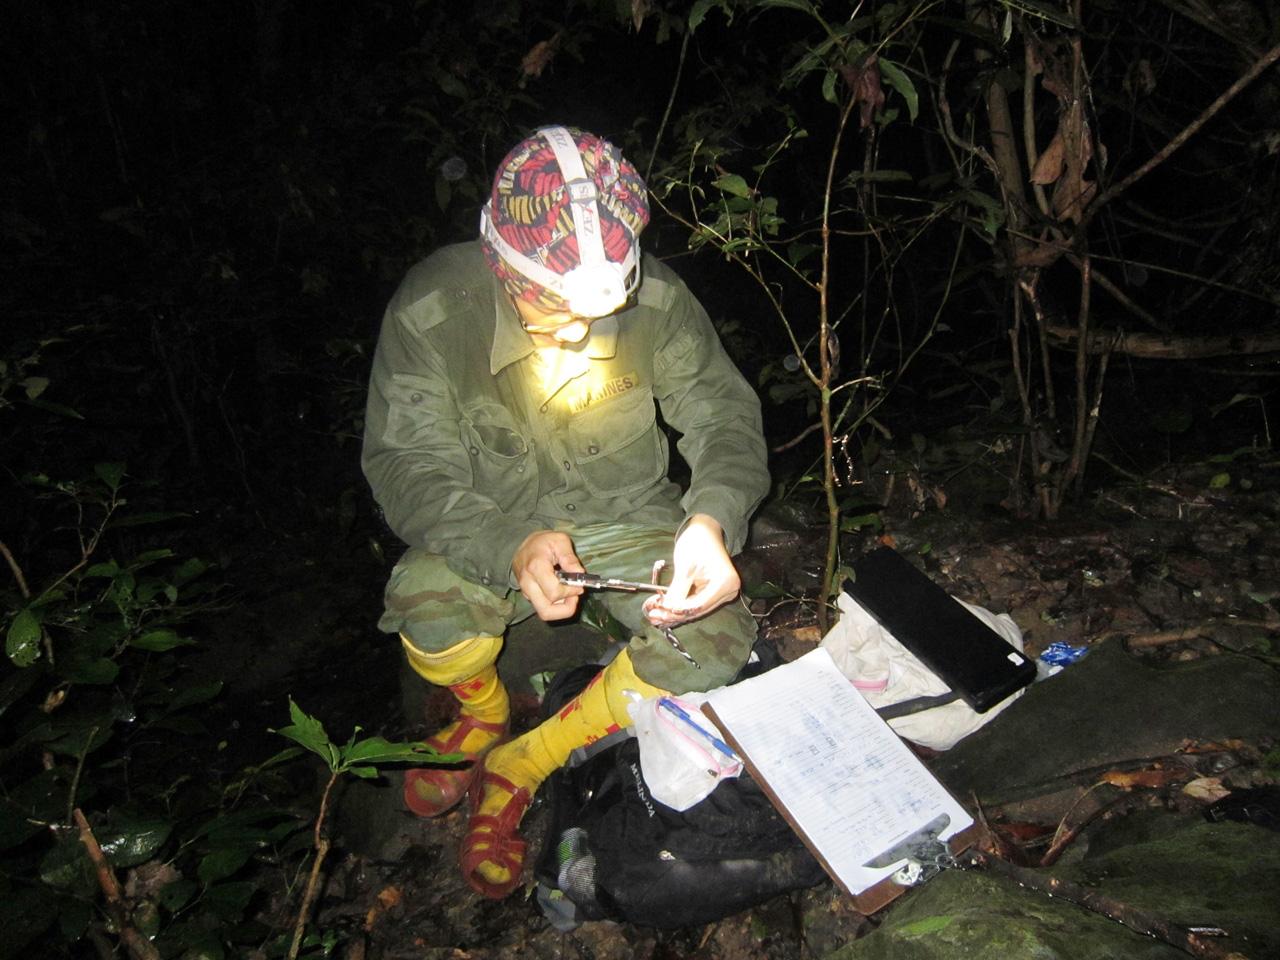 Ly kỳ chuyện đêm lạnh đi tìm loài thạch sùng mí bí ẩn ở Vịnh Hạ Long - Ảnh 7.